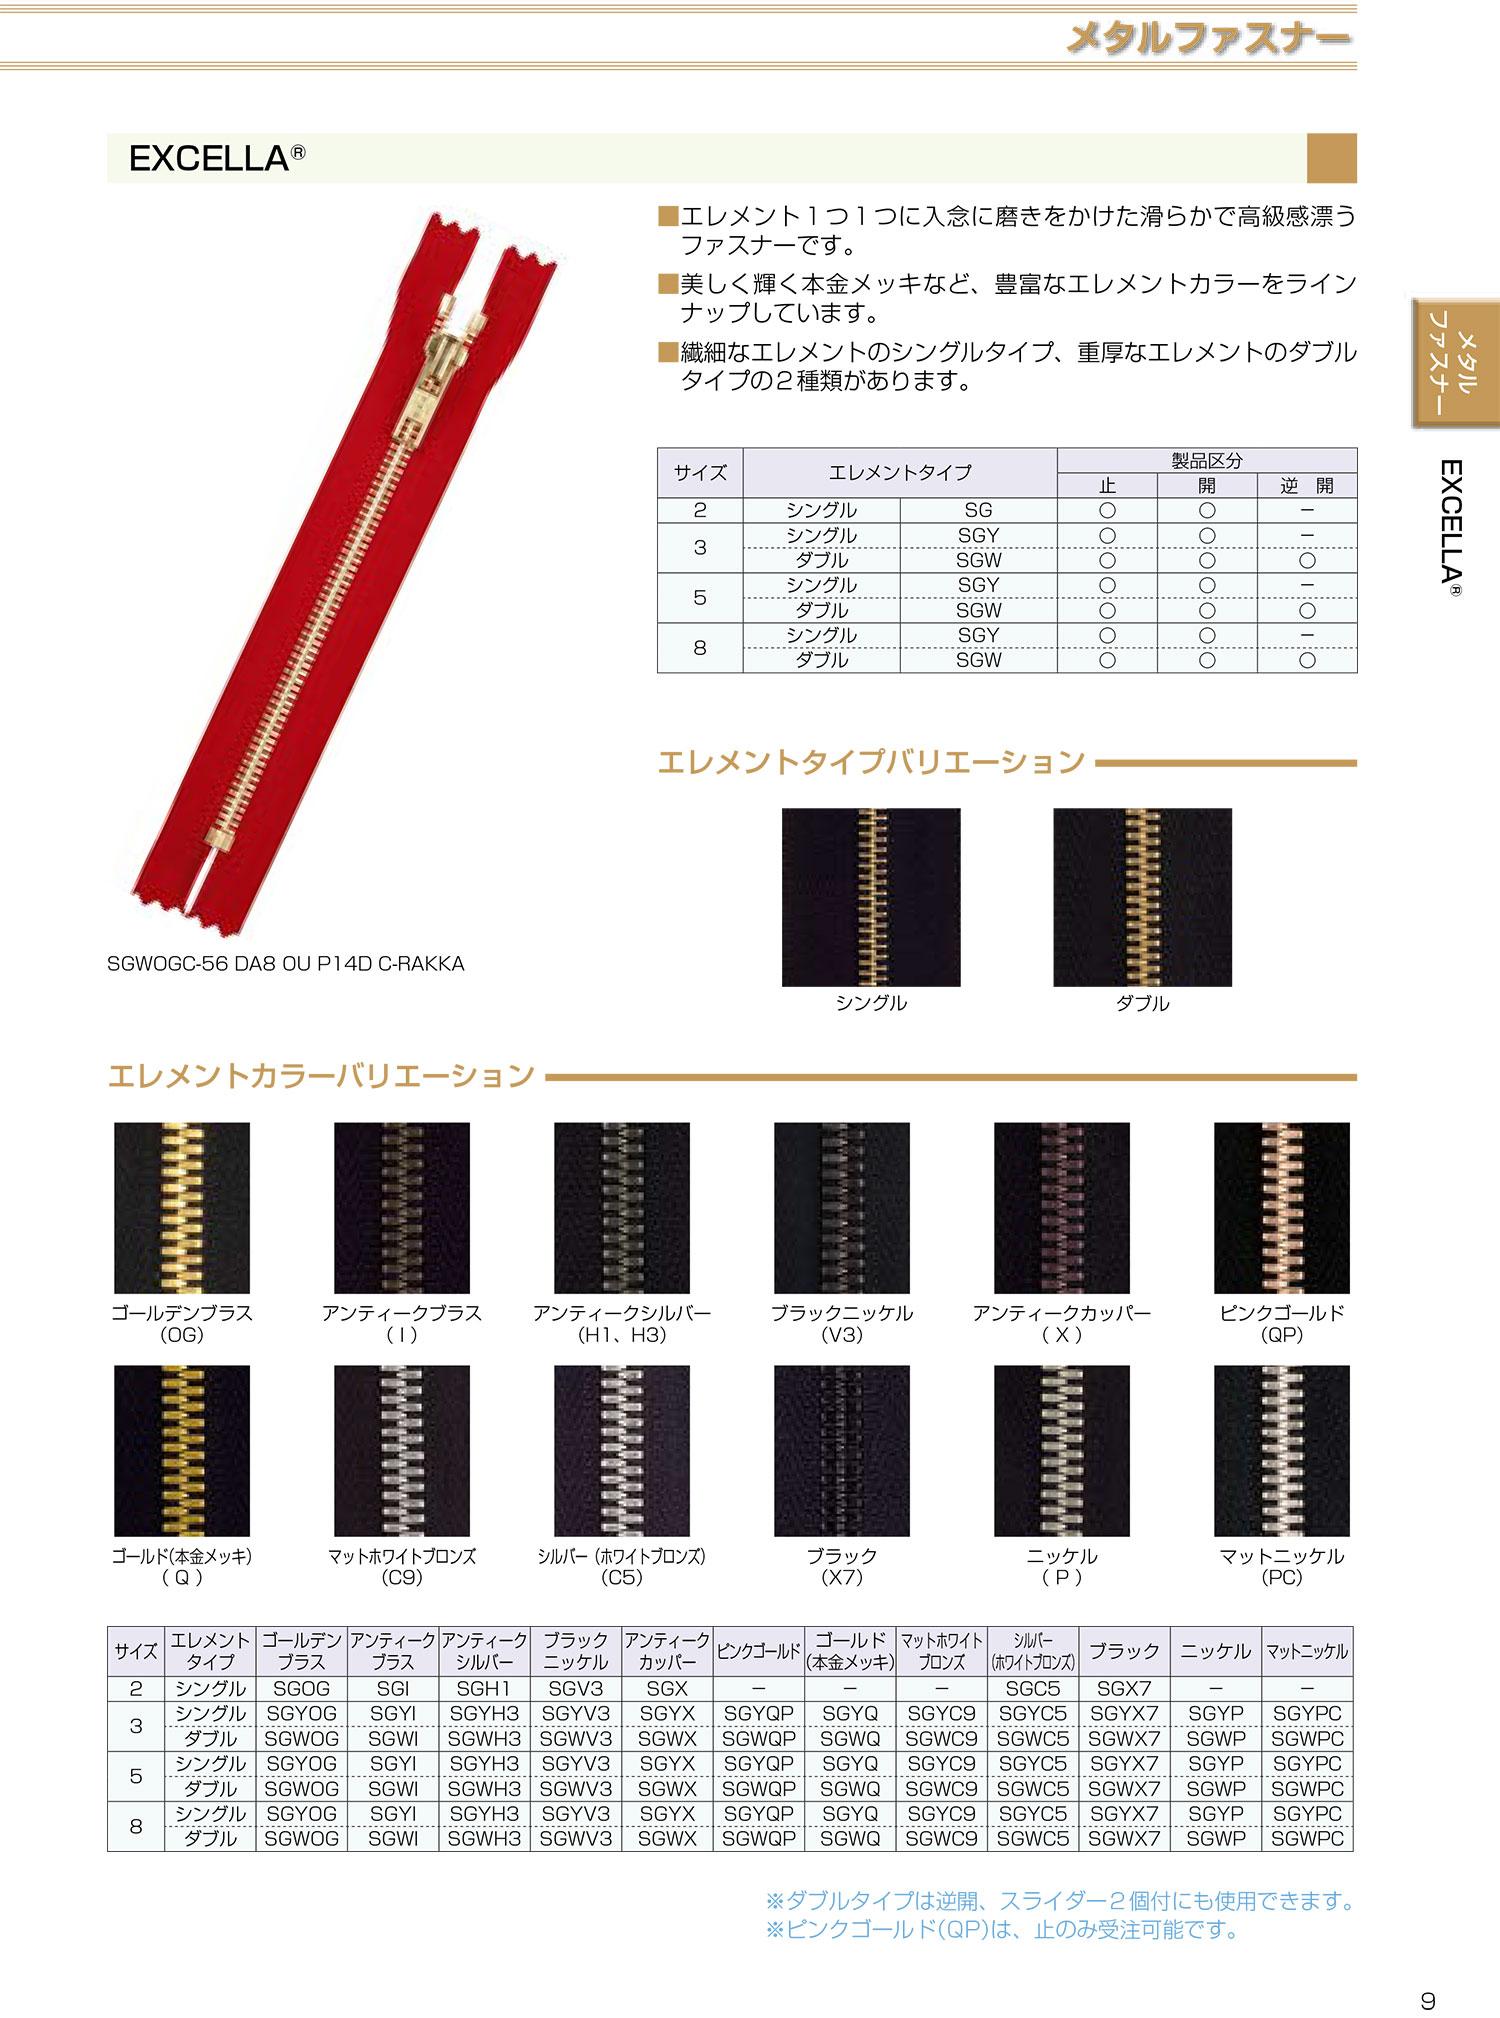 3SGYV3C エクセラ 3サイズ ブラックニッケル 止め シングル[ファスナー] YKK/オークラ商事 - ApparelX アパレル資材卸通販